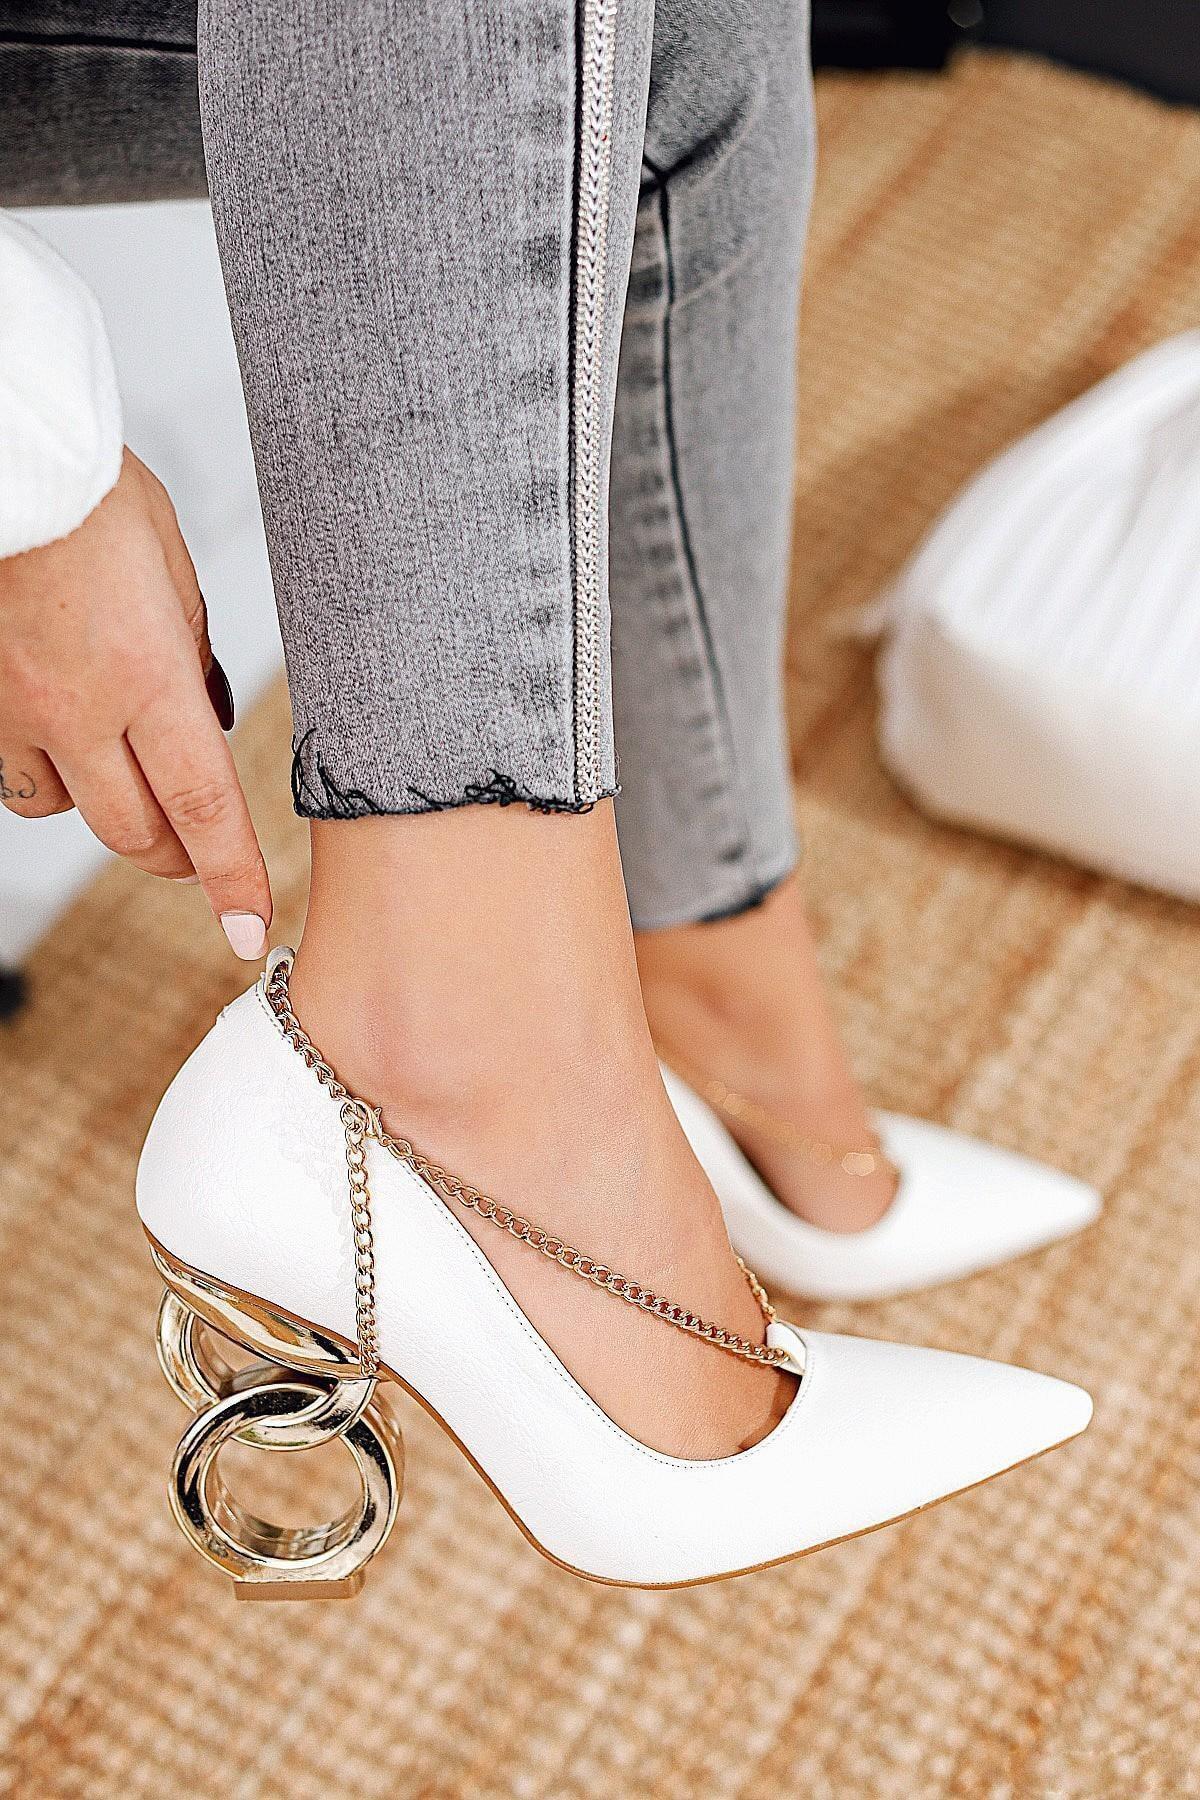 Limoya Elianna Beyaz Kırışık Rugan Stiletto ( Zincir Detaylı ) 1